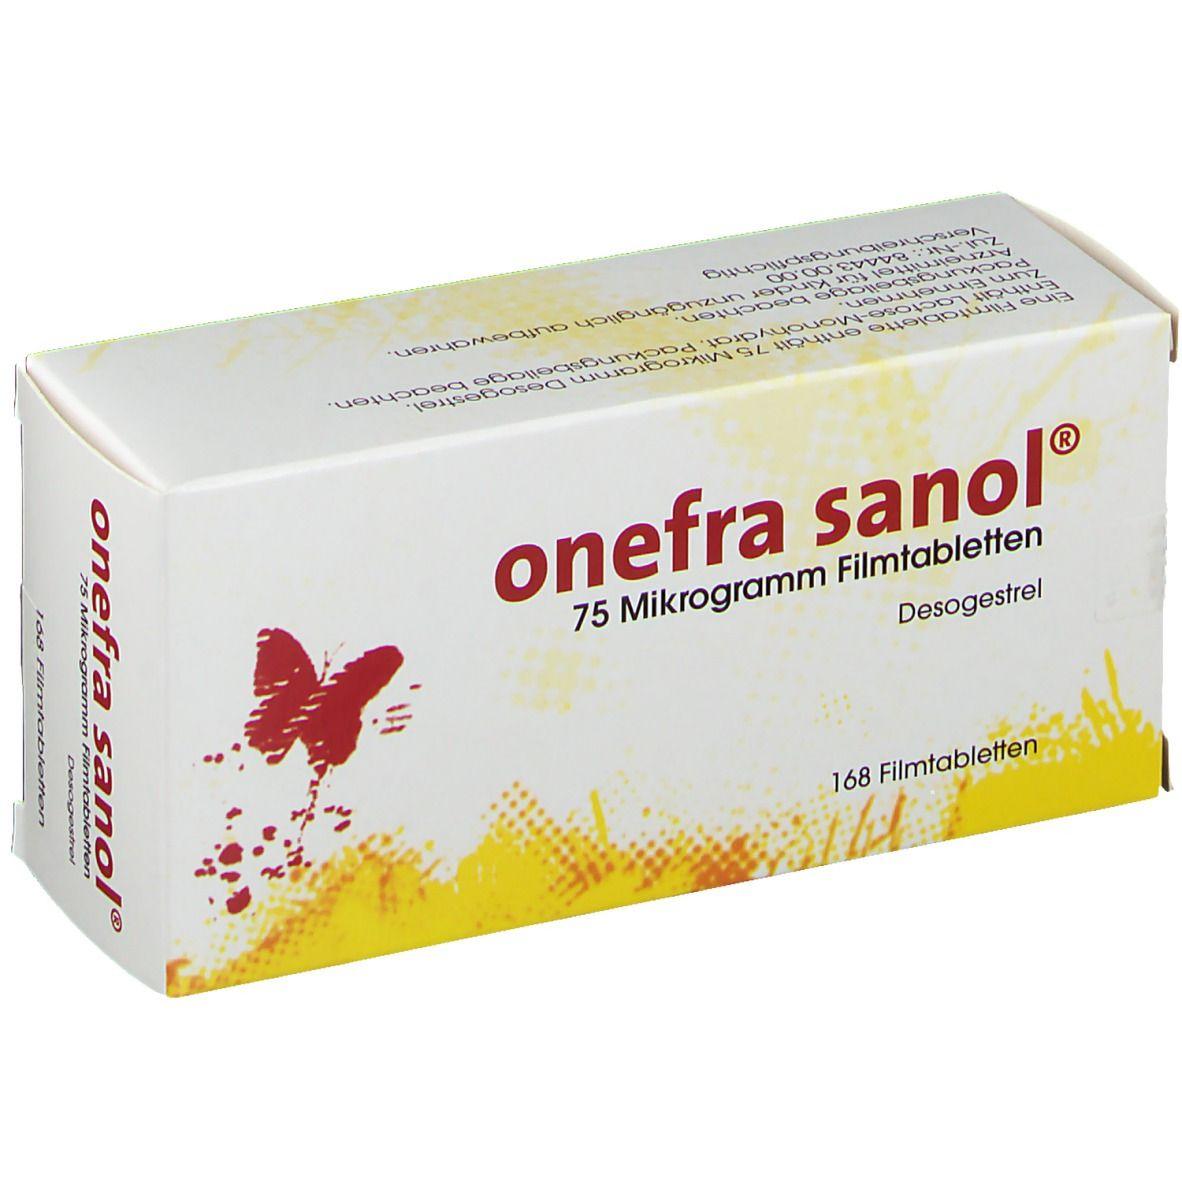 Onefra Sanol Erfahrungen